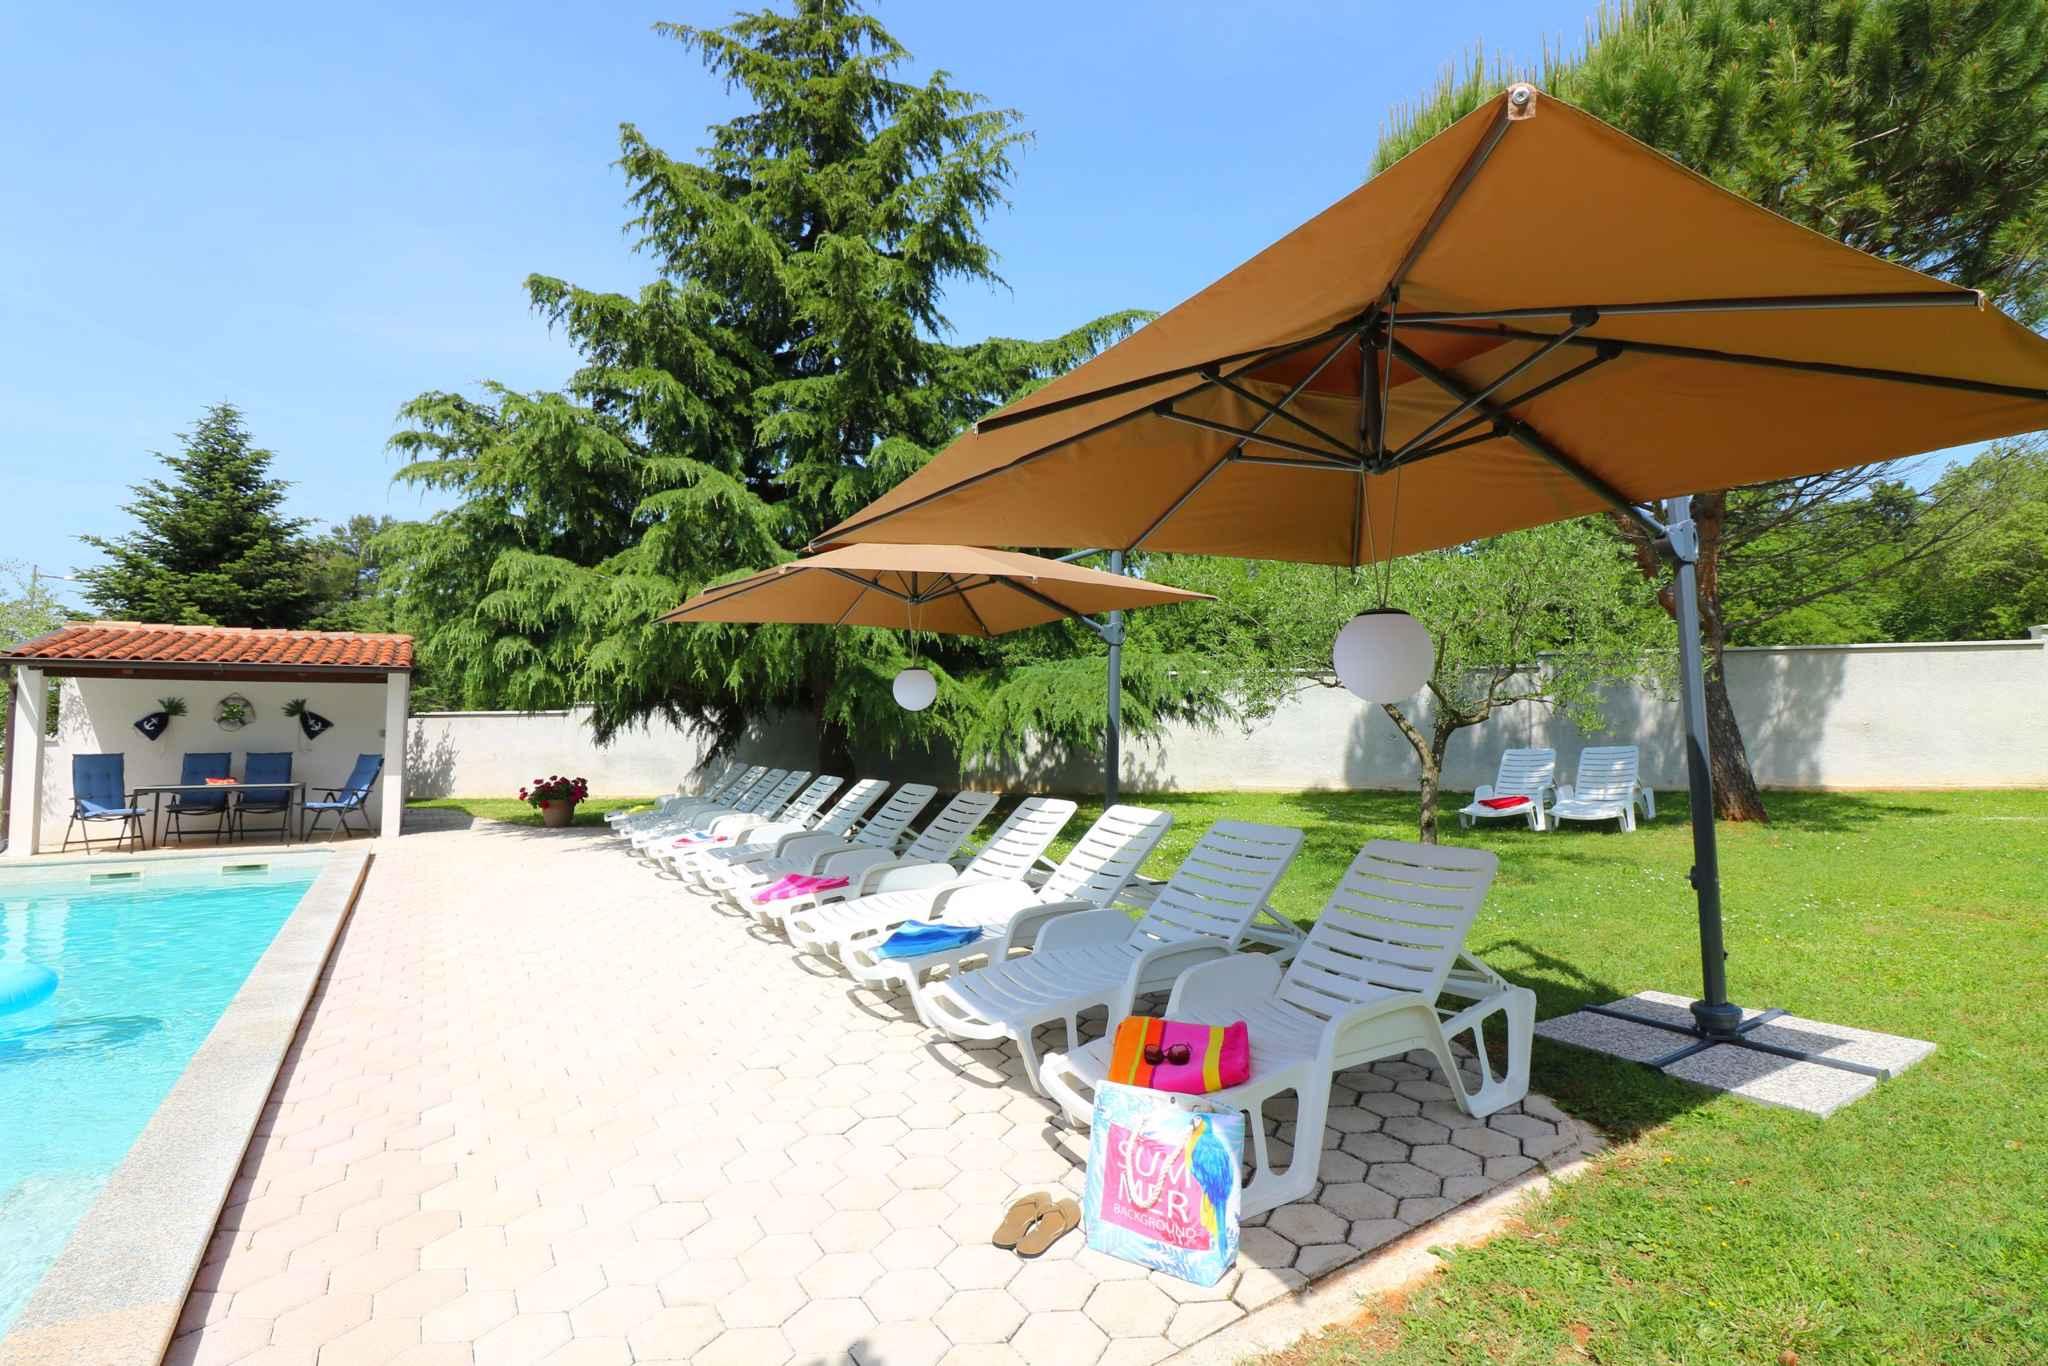 Ferienwohnung with Pool (280253), Porec, , Istrien, Kroatien, Bild 5